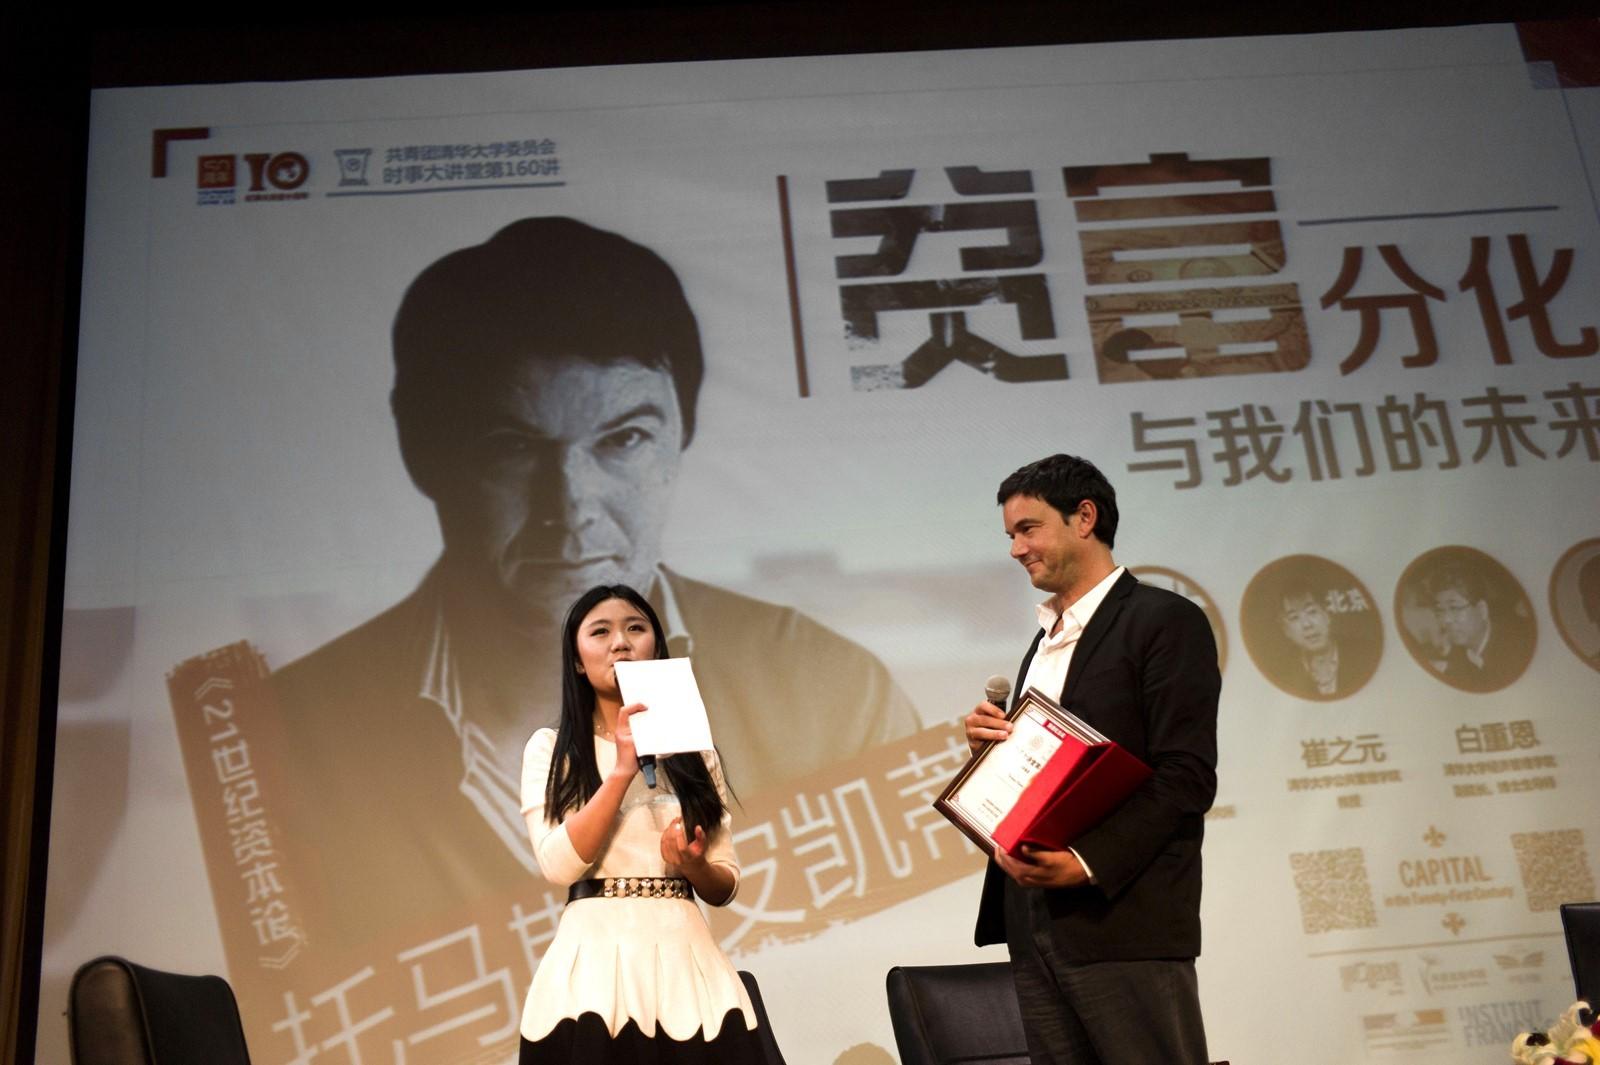 سانسور نابرابری در چین؛ شرط چاپ کتاب جدید پیکتی